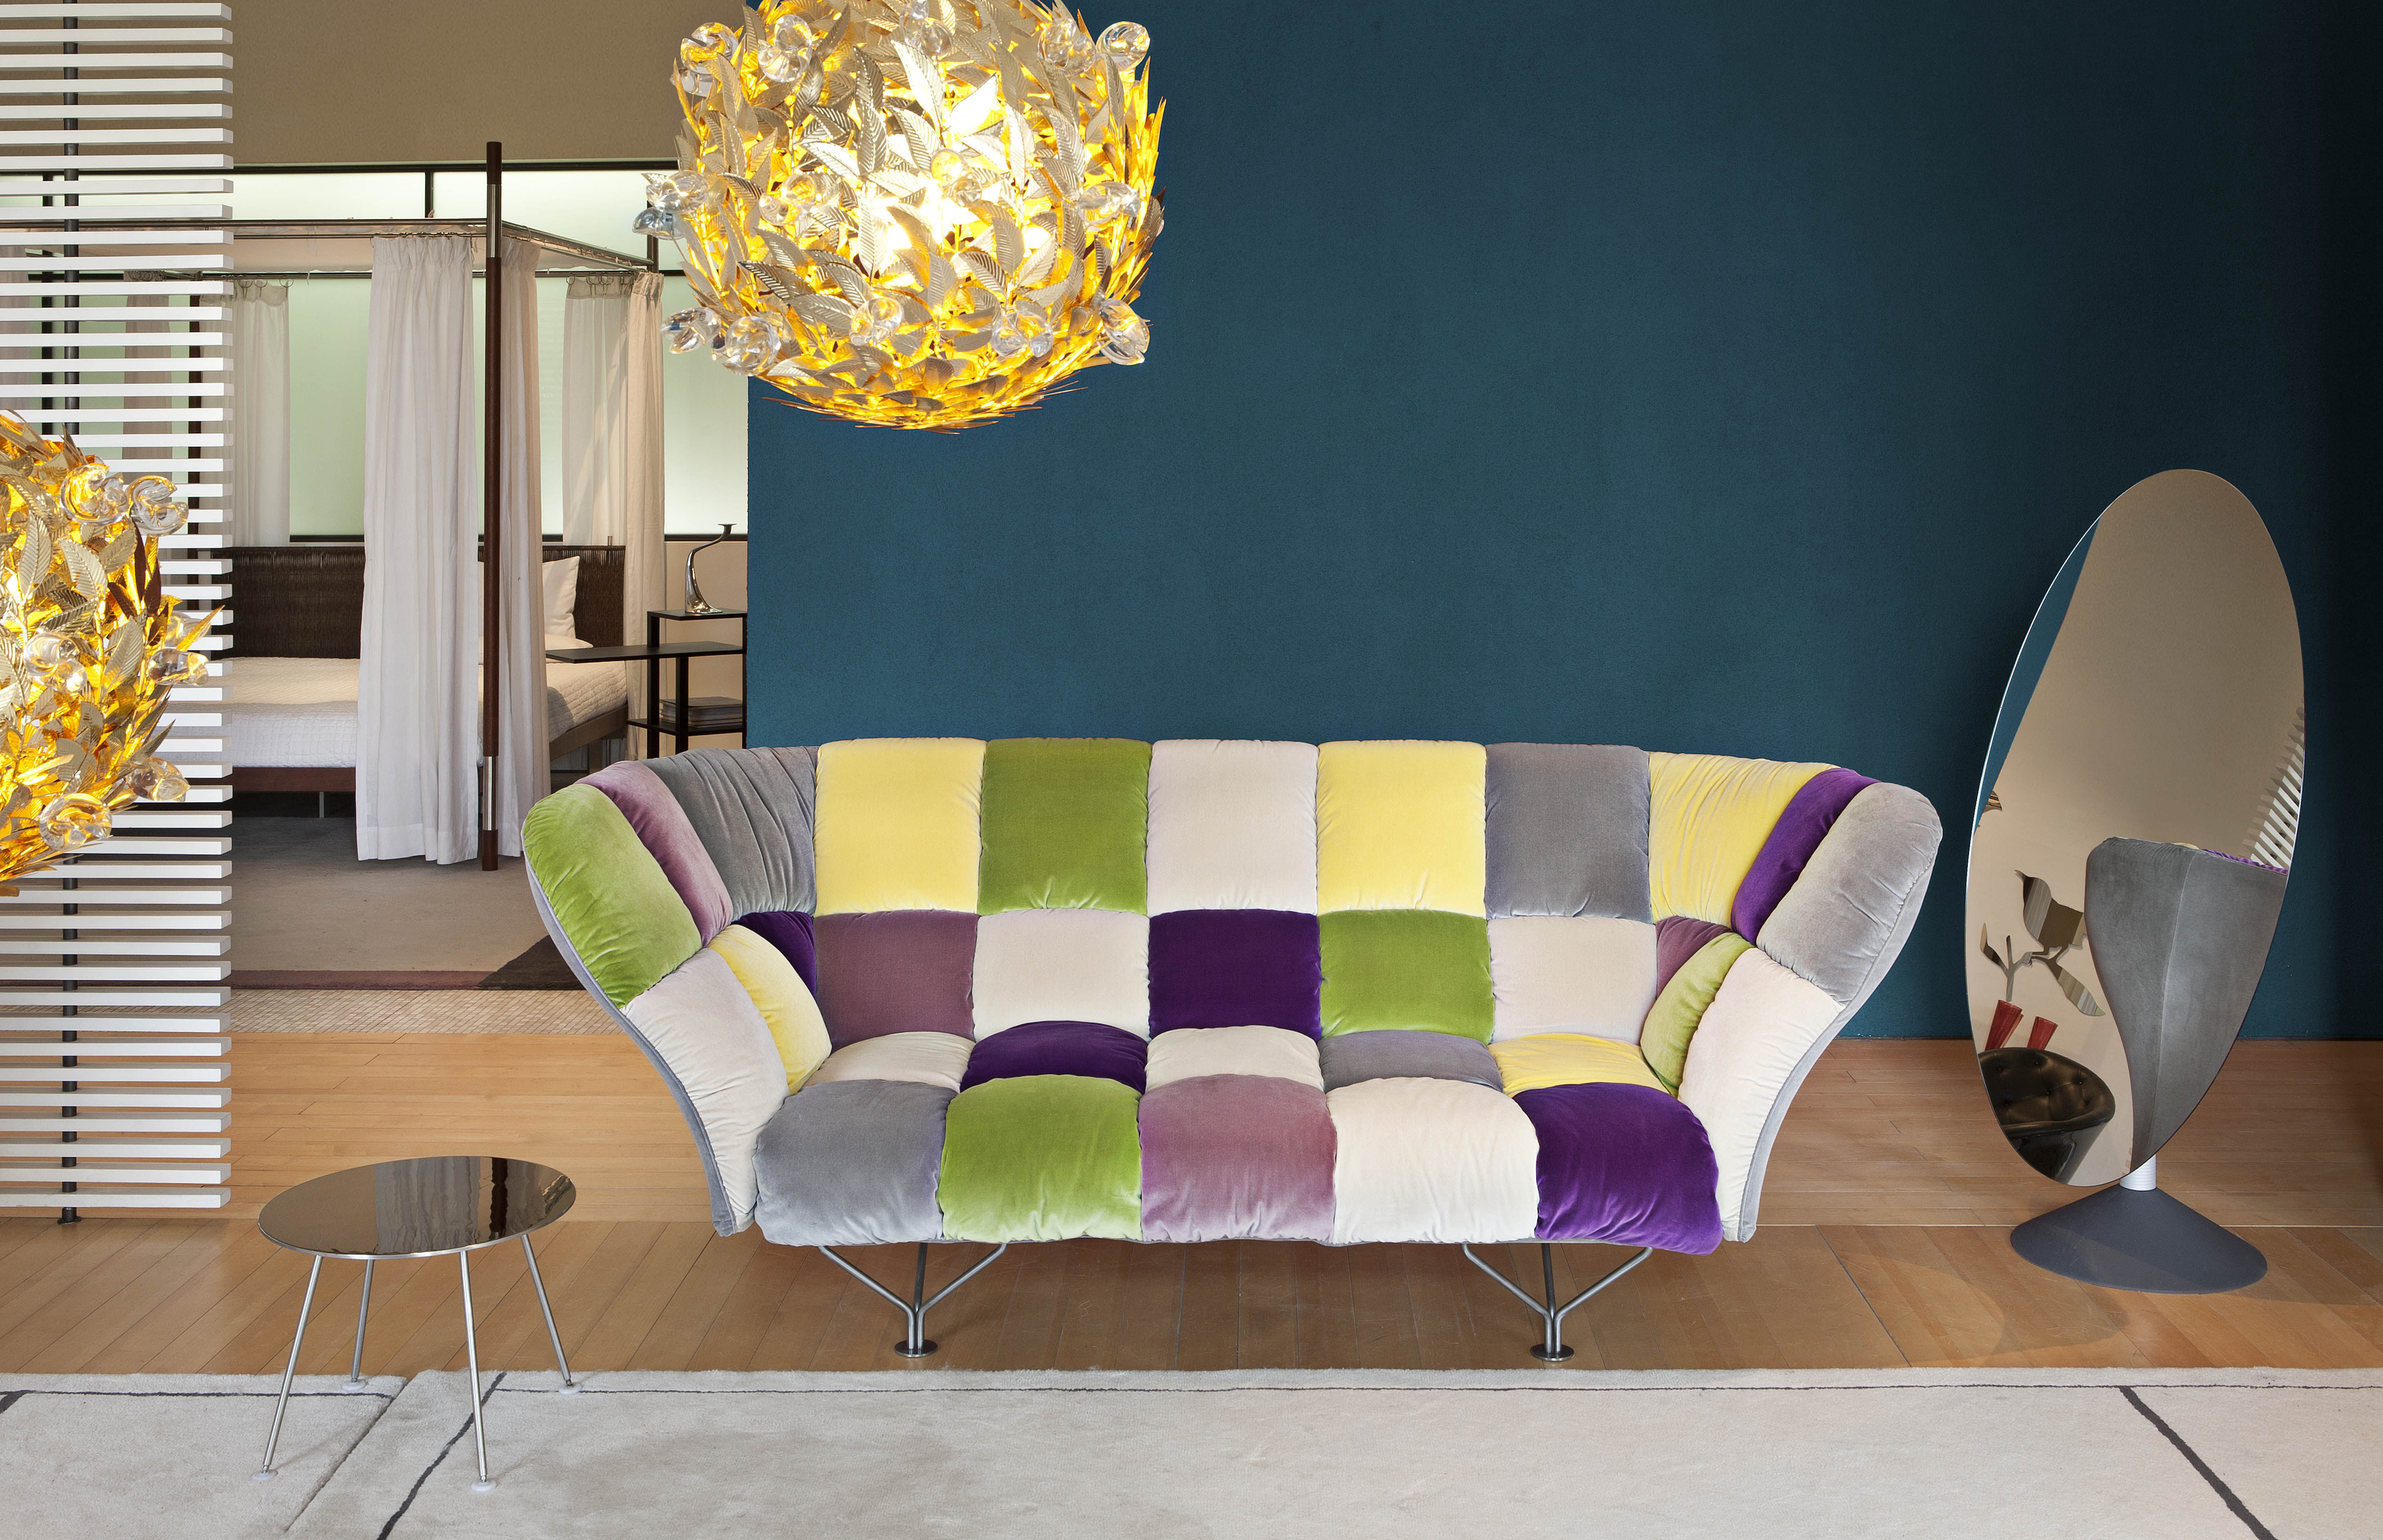 Scopri divano destro 33 cuscini 3 posti l 235 cm - Cuscini moderni divano ...